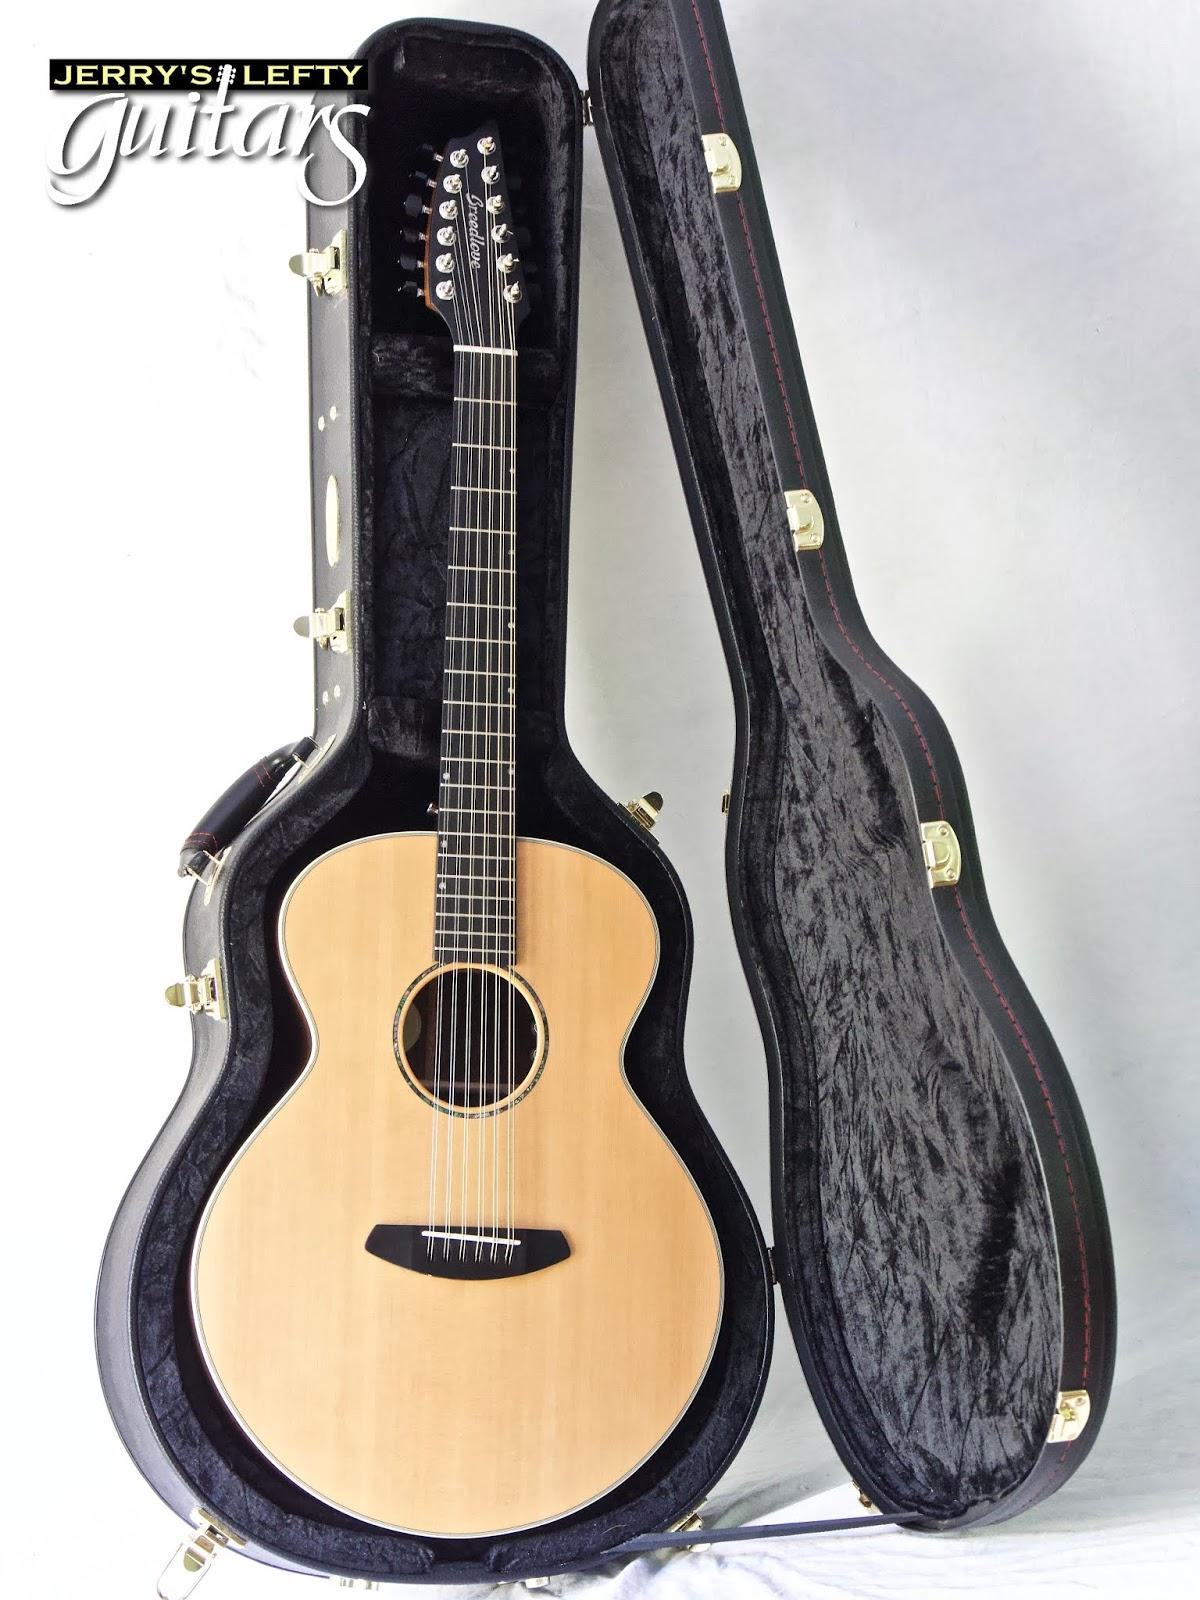 jerry 39 s lefty guitars newest guitar arrivals updated weekly breedlove premier 12 string left. Black Bedroom Furniture Sets. Home Design Ideas